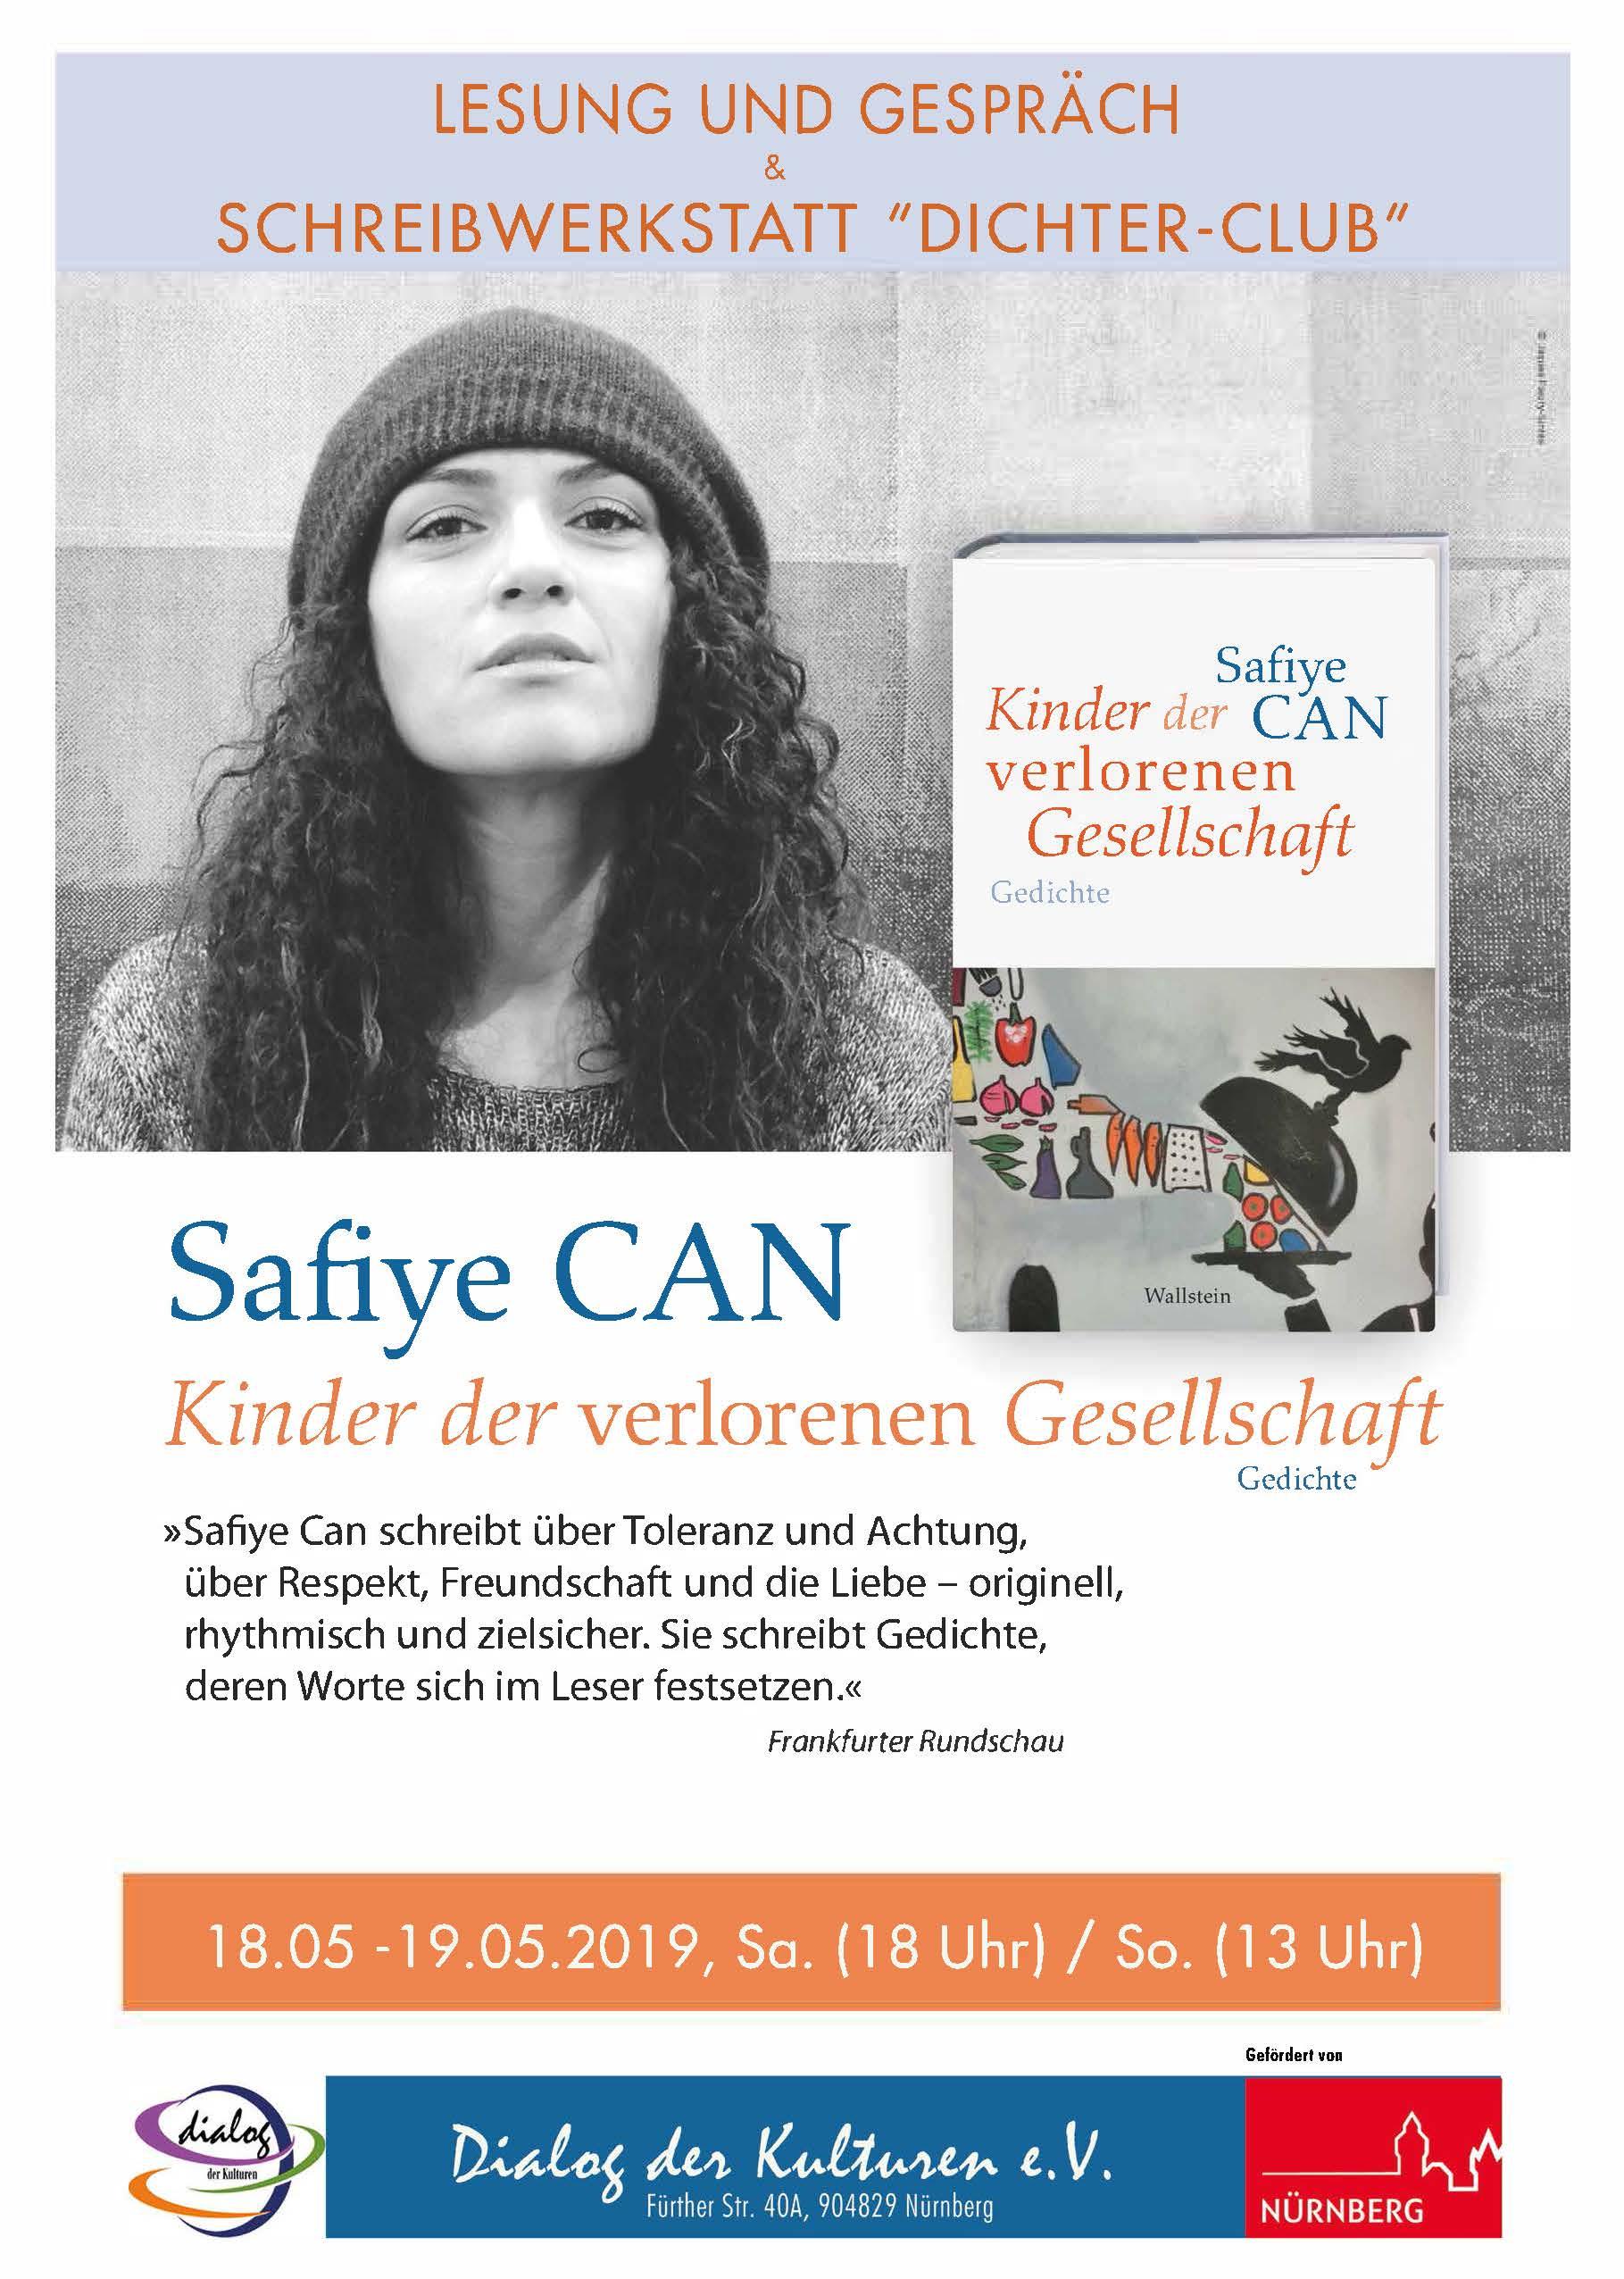 Lesung Und Gespräch Schreibwerkstatt Safiye Can